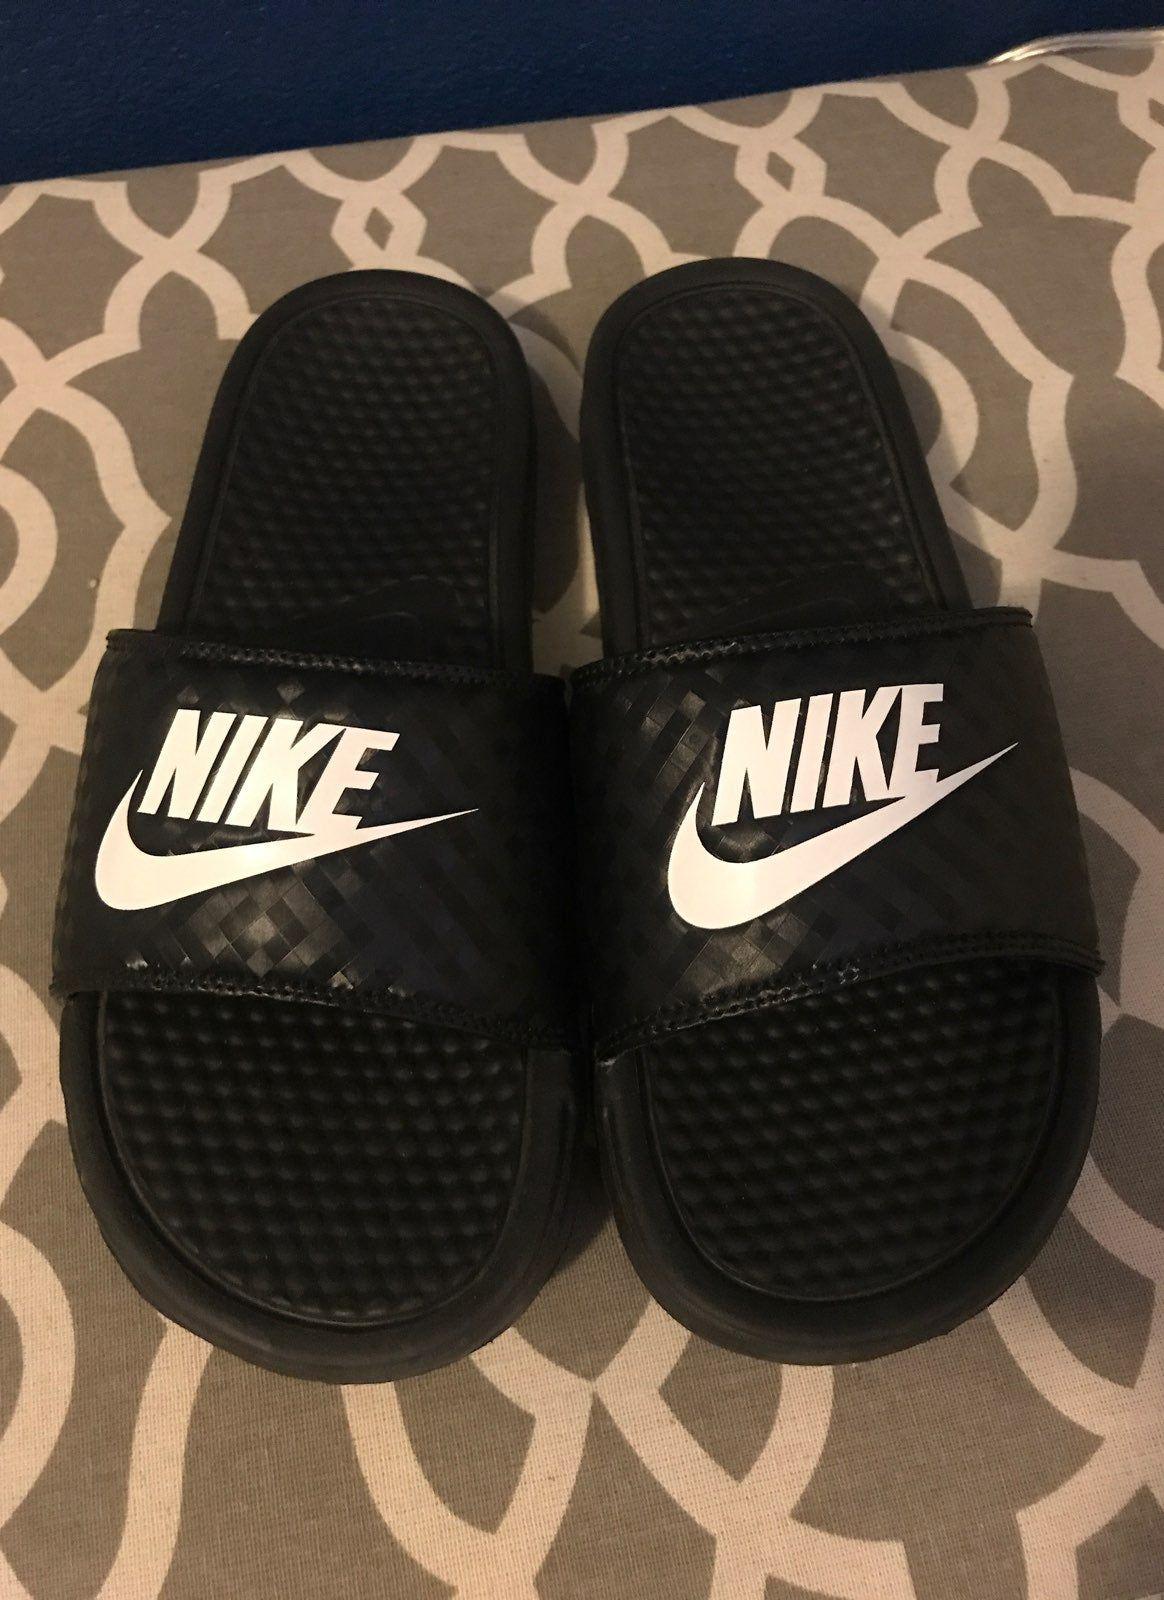 Nike slides, Nike sandals, Nike